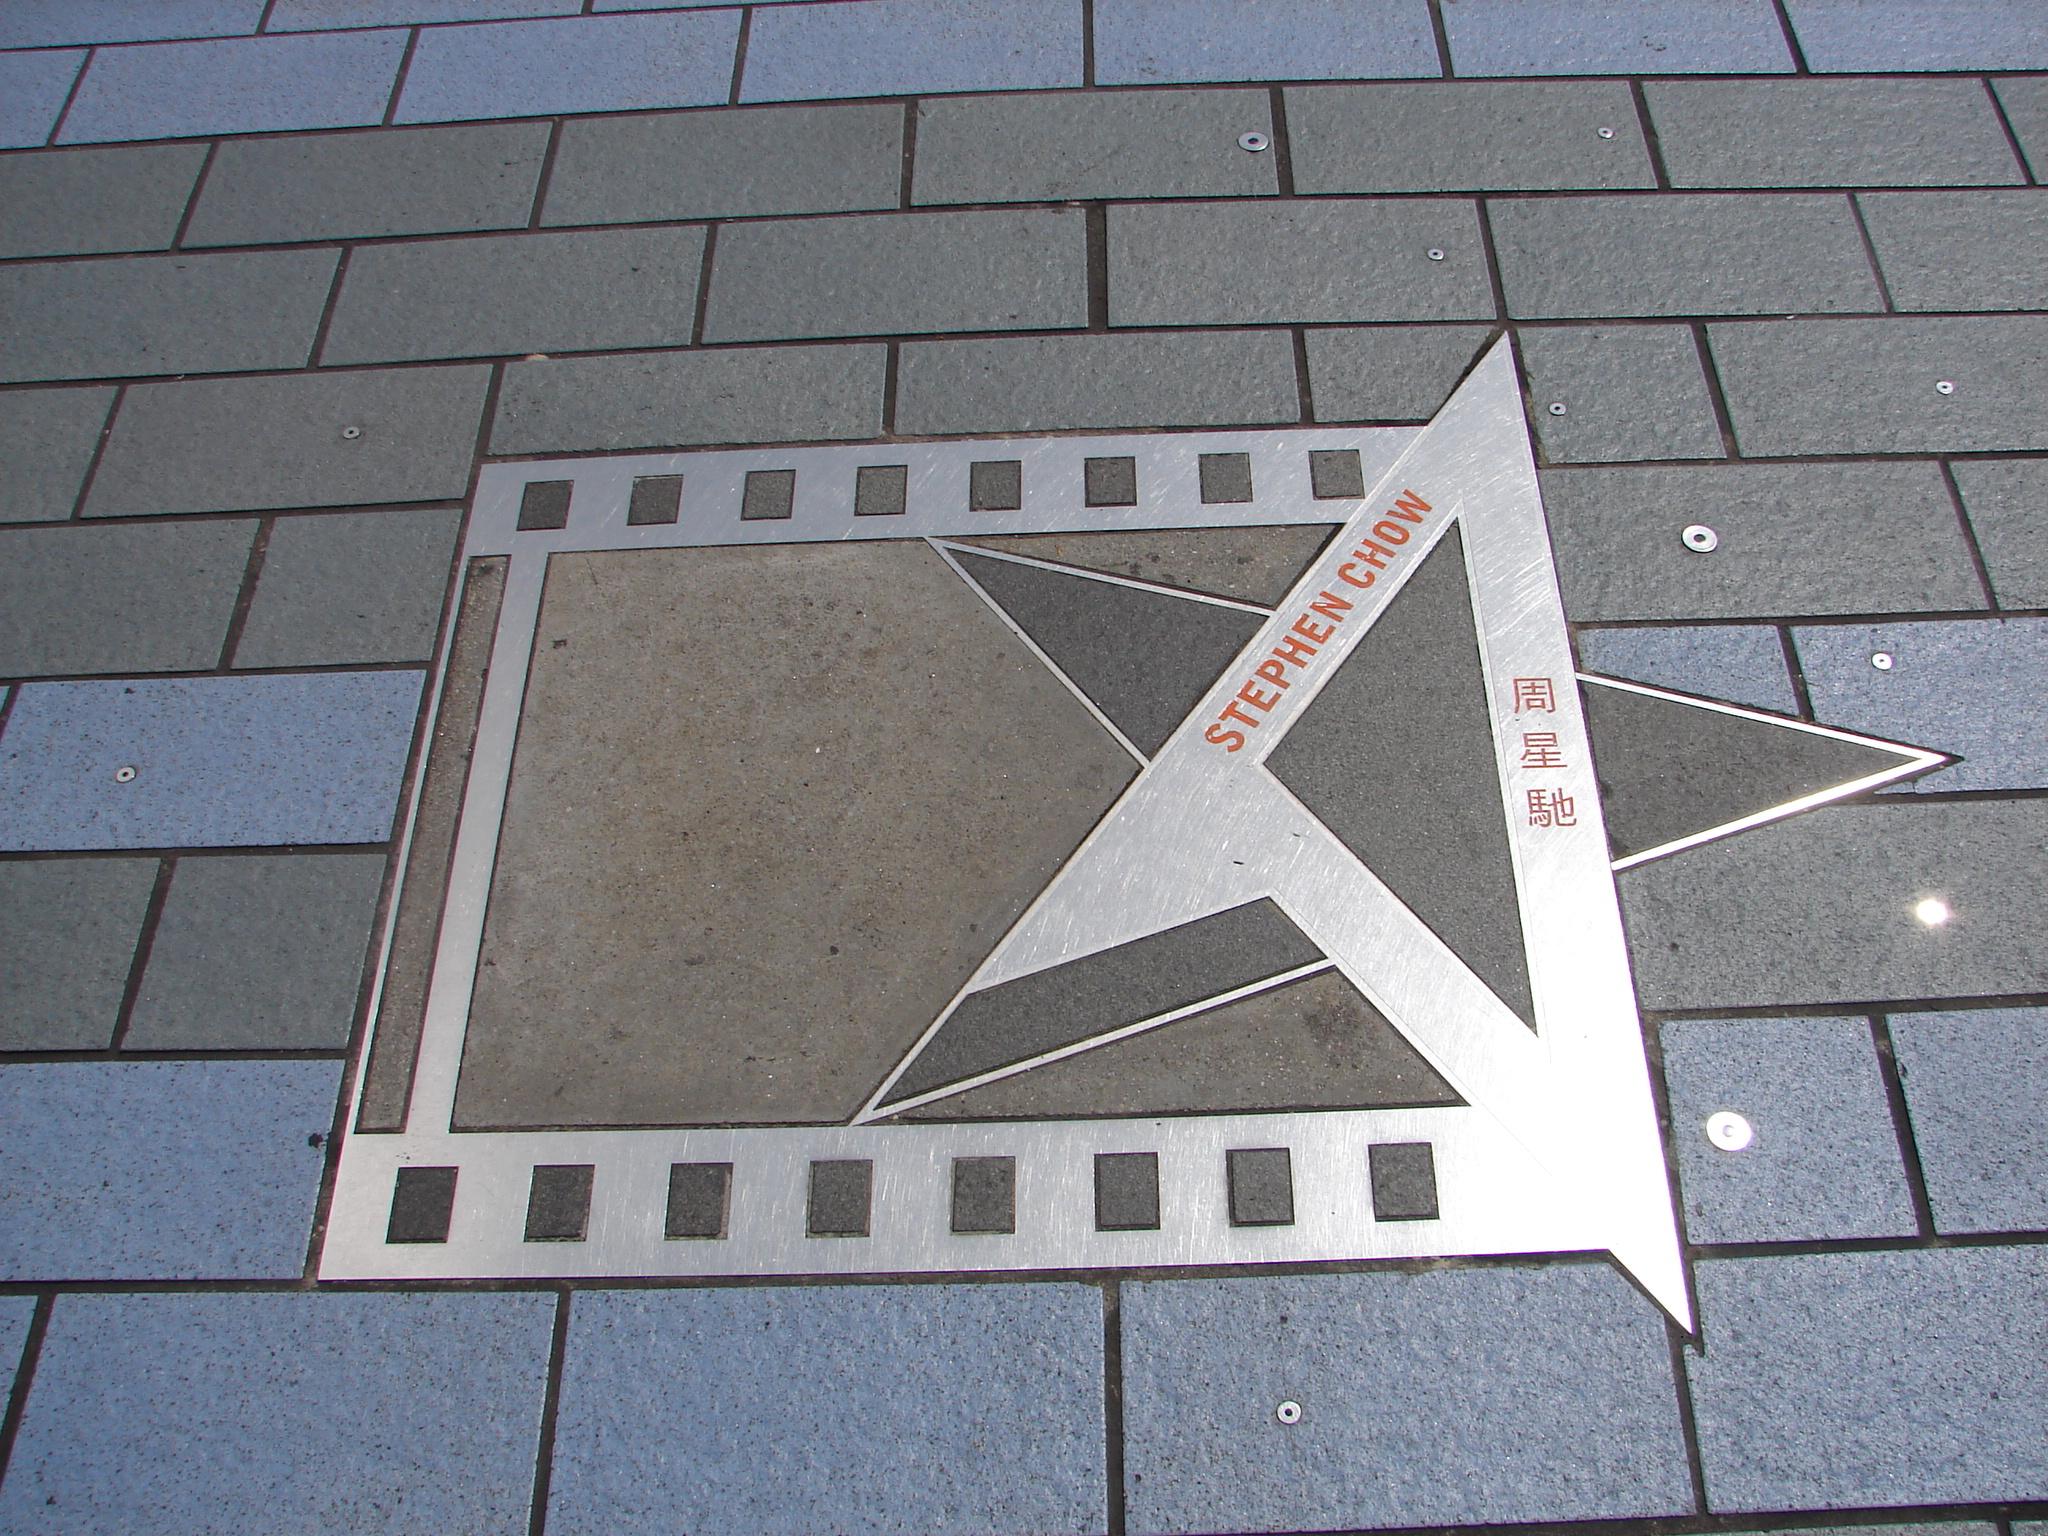 星光大道是位于尖沙咀维多利亚港岸边的一段观景海滨长廊,它效仿洛杉矶好莱坞的星光大道,为纪念香港电影业的发展史,将杰出电影工作者的芳名与手掌印镶嵌在特制的纪念牌上,并以年代依次排列展示。 星光熠熠 星光大道如今也成为了到港游客的必来之地,它全长440米,从香港艺术馆旁延伸至新世界中心。这些手印有大家熟悉的明星刘德华、周润发、梁朝伟,也有吴思远、吴宇森、王家卫等著名导演,看到喜爱的偶像就赶紧合影留念吧。 除手印外,星光大道上还有许多铜像,其中最有名的要数李小龙的铜像,几乎已经成为了星光大道的标志。铜像高2米,